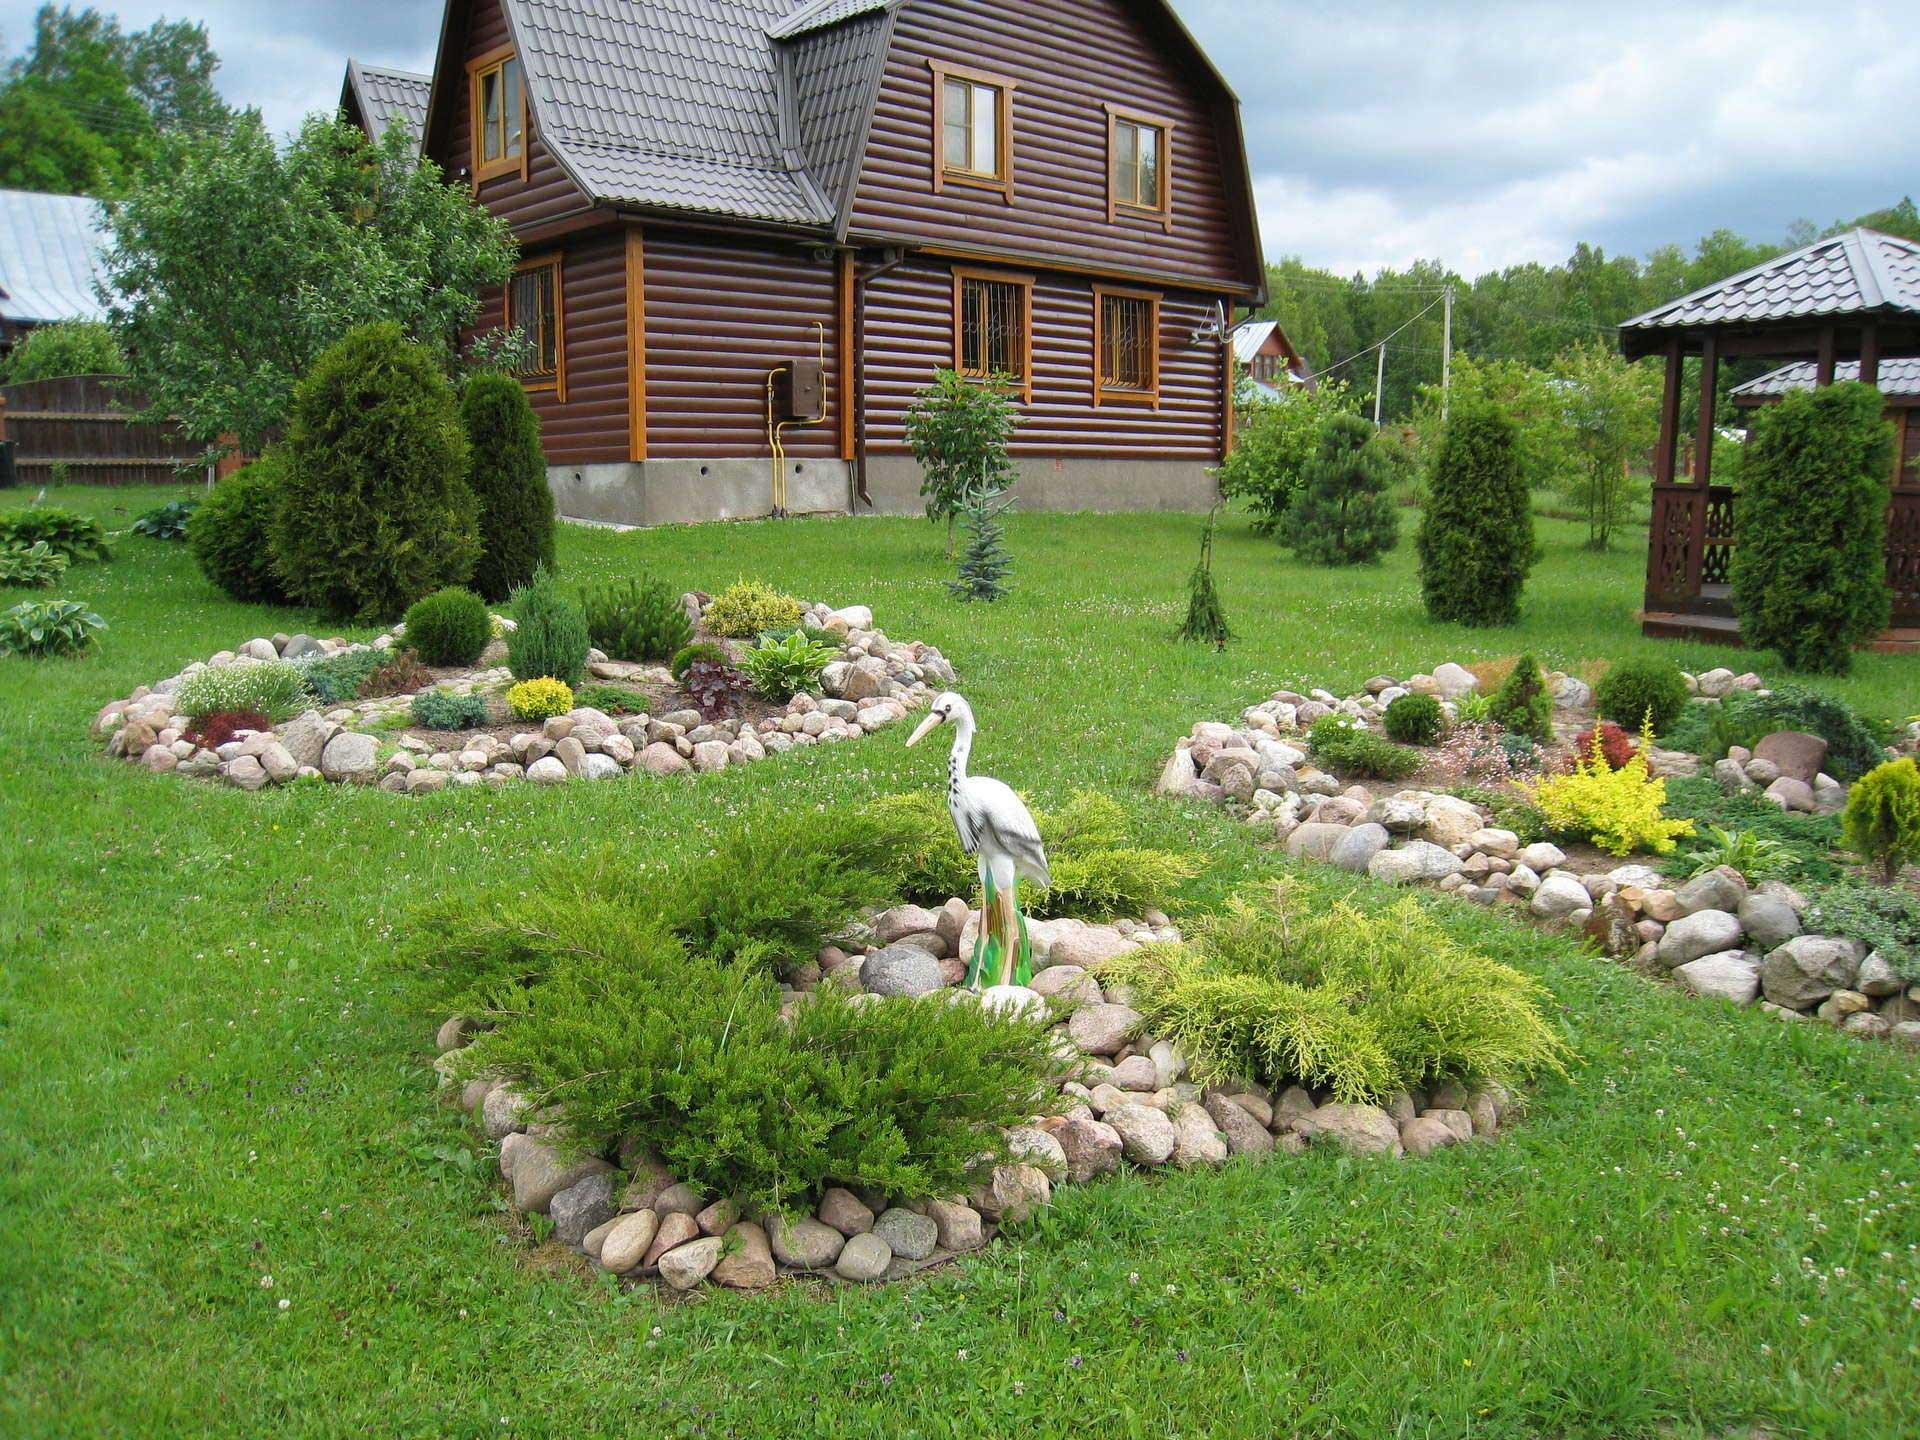 Дизайн на садовом участке своими руками фото